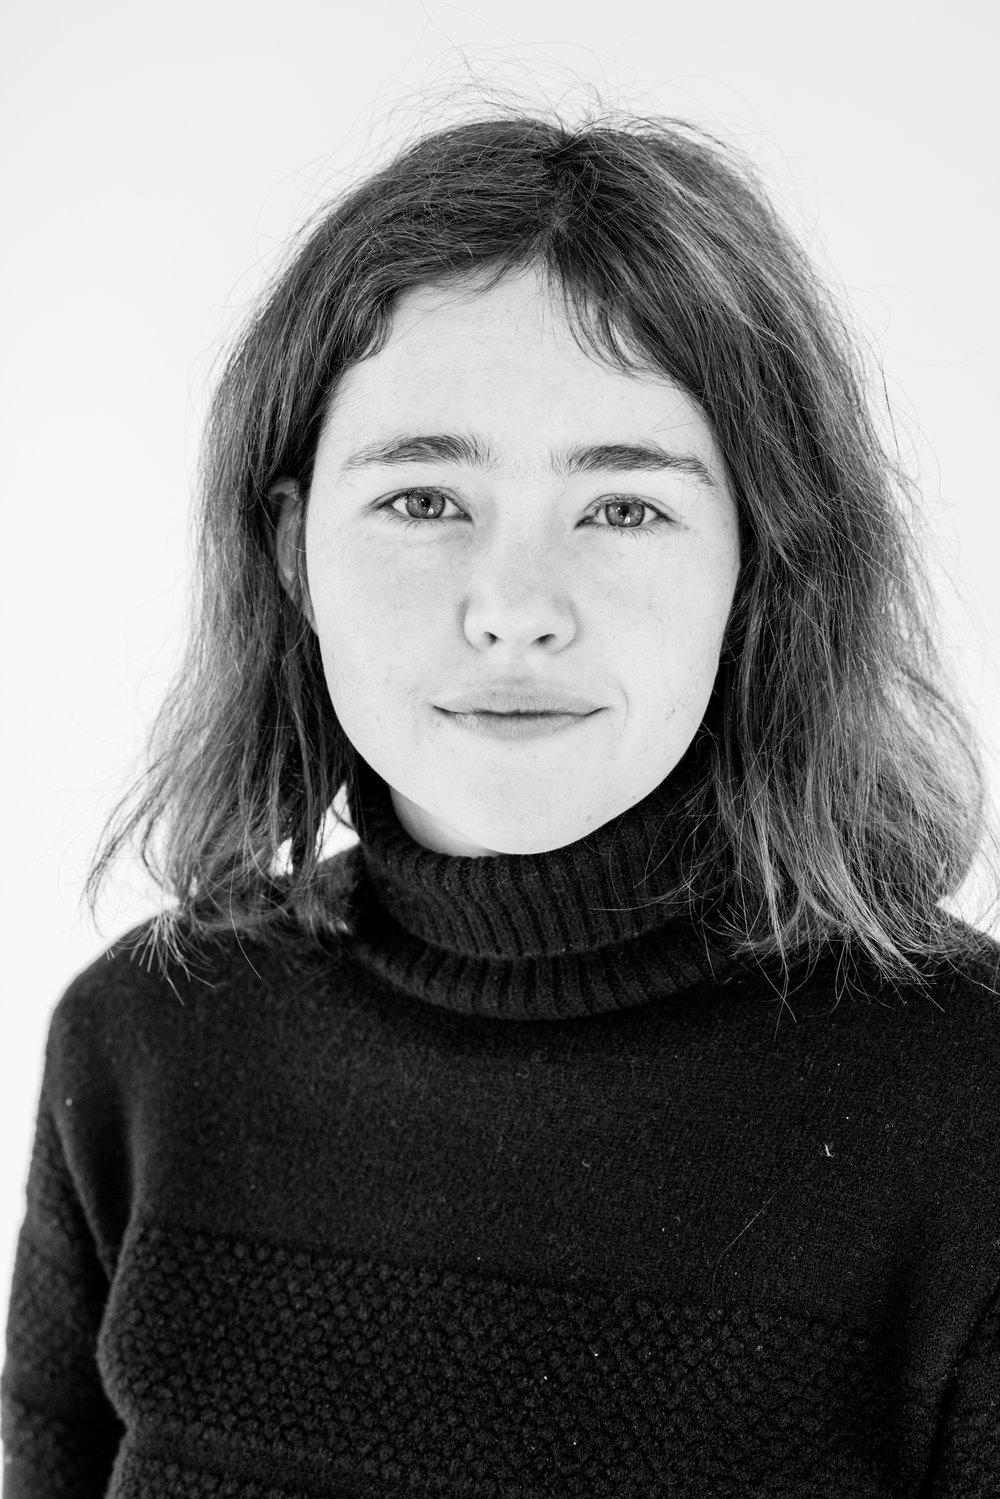 Julia Jayko Fossland